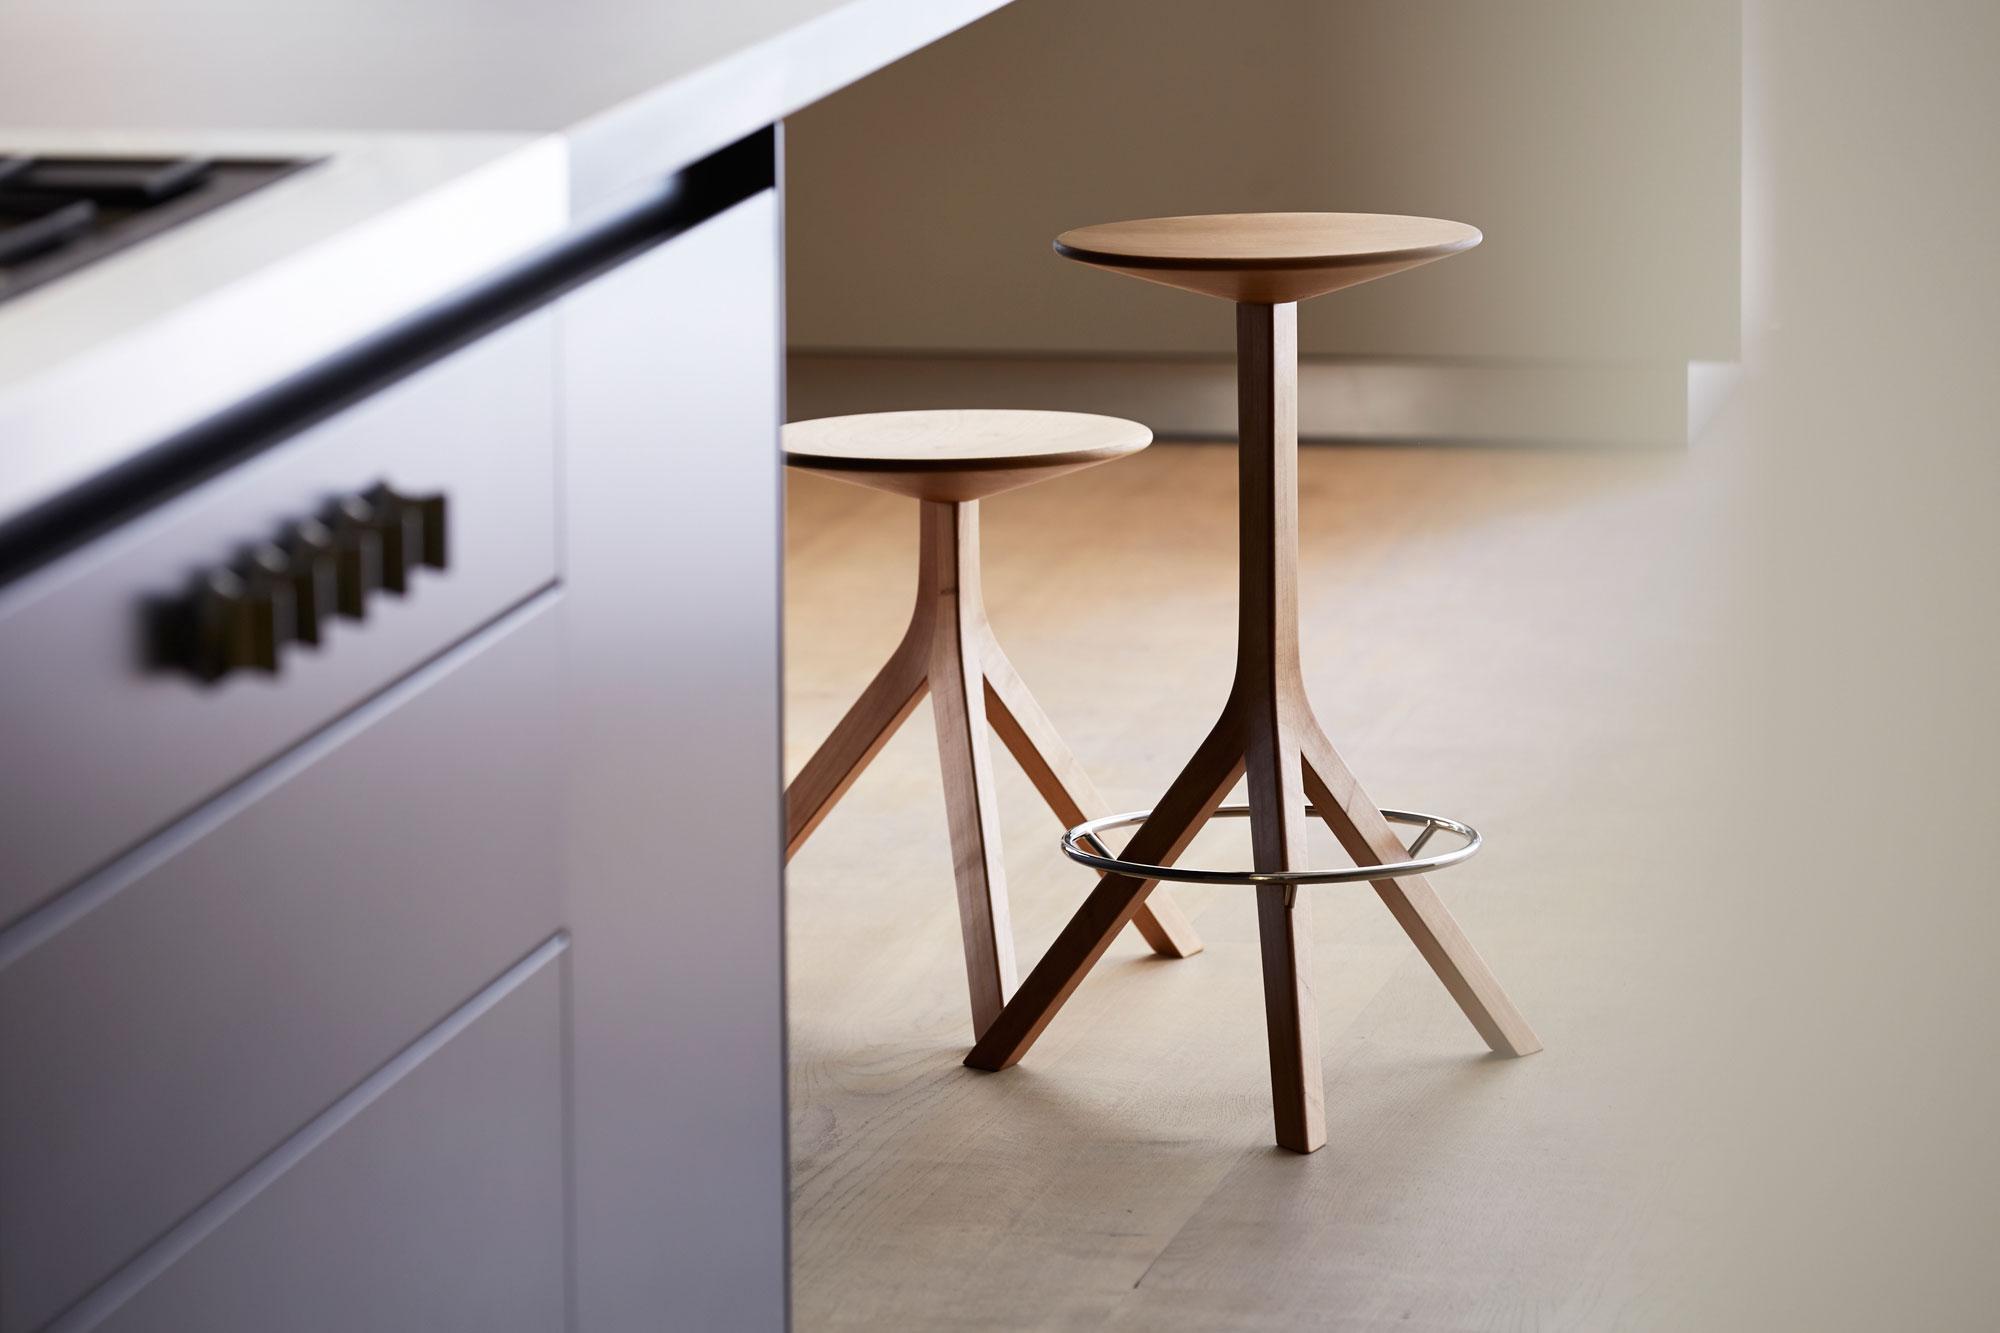 A Stool For The Kitchen, Felix de Pass